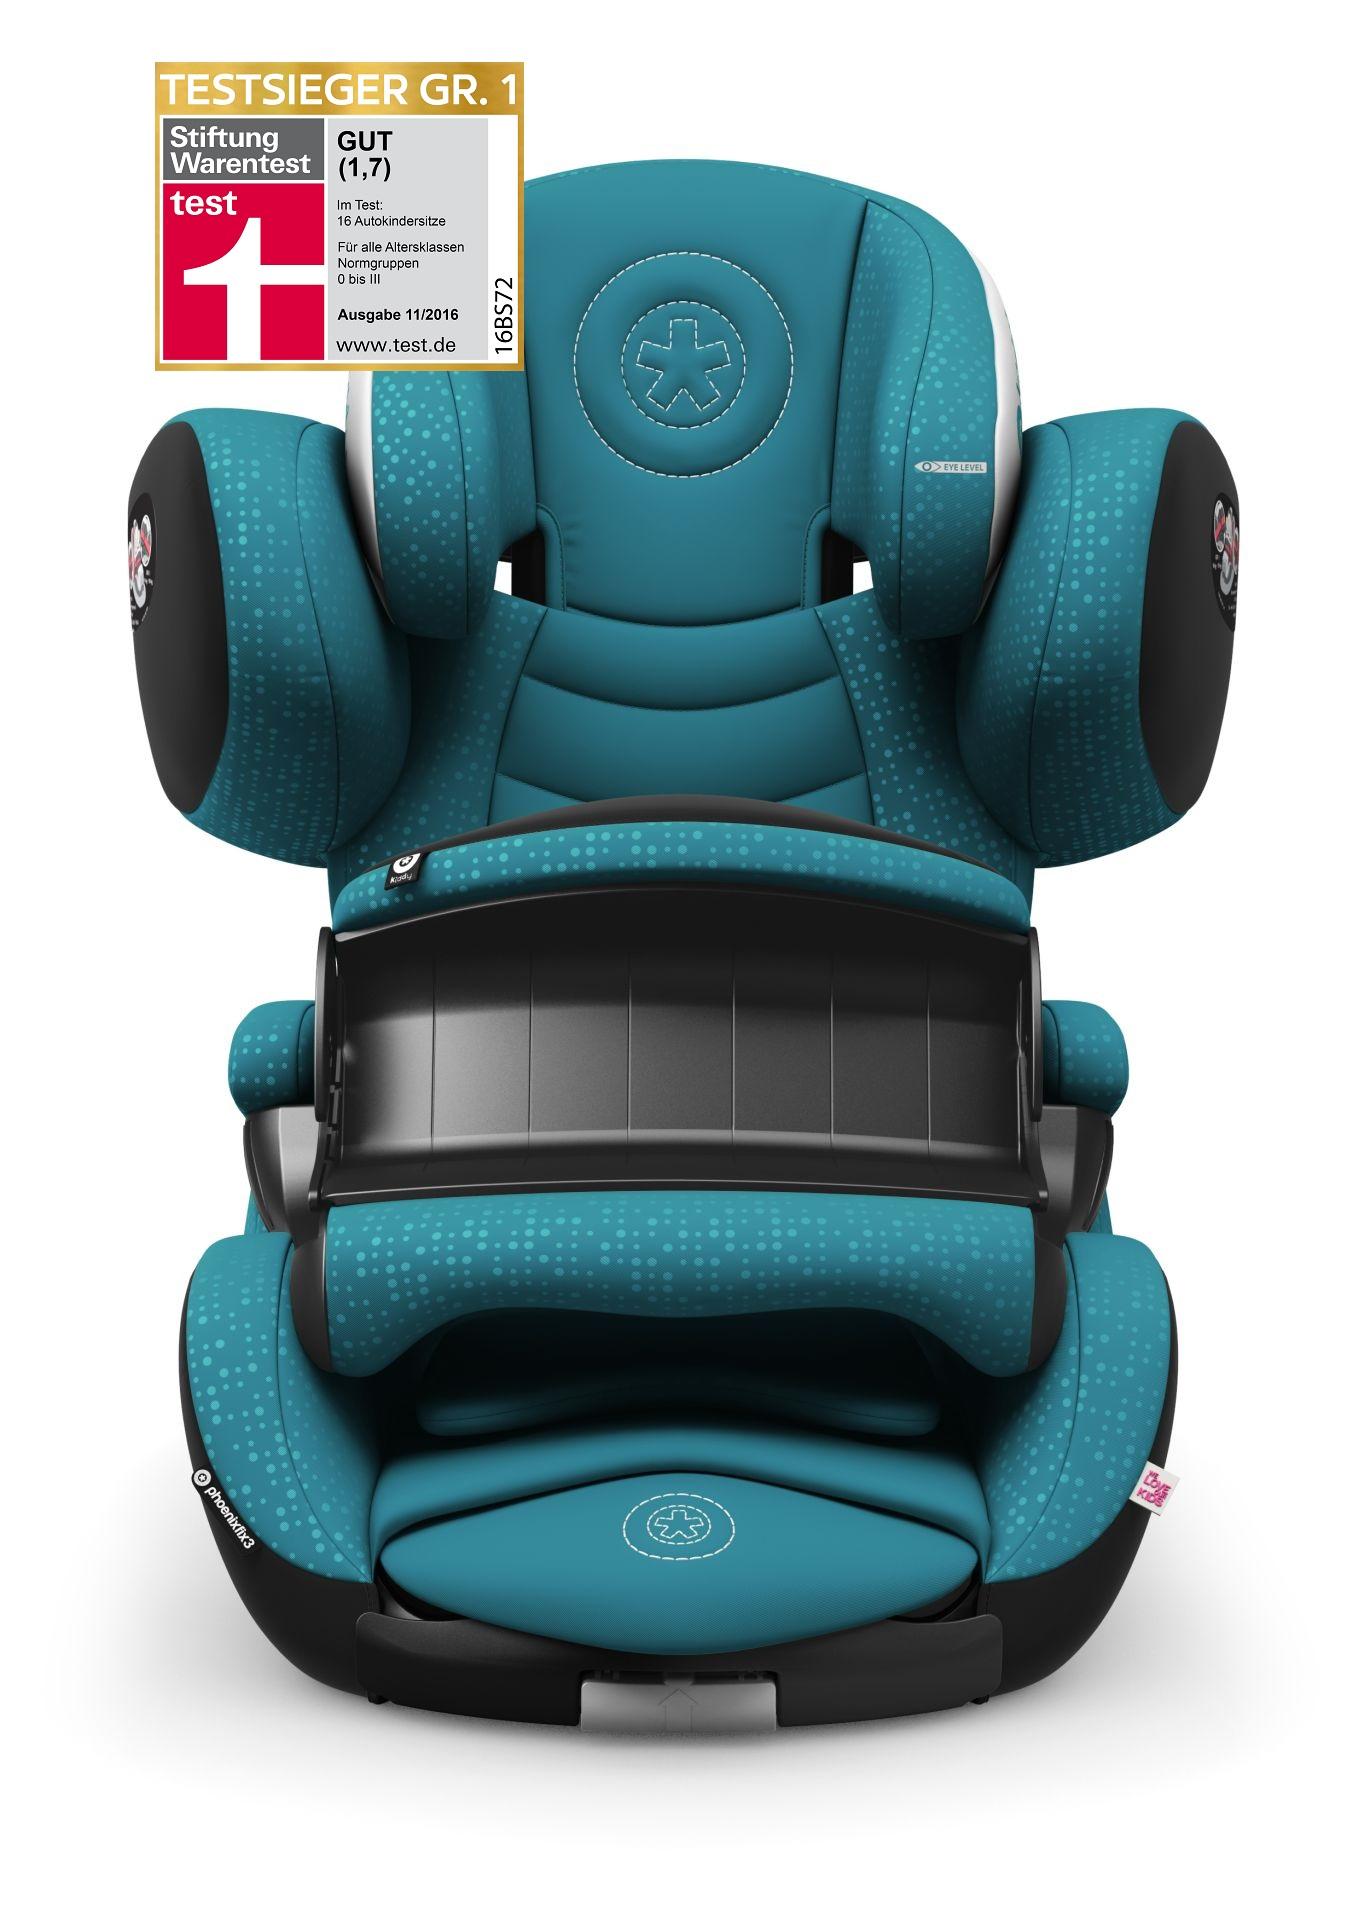 Silla de coche phoenixfix 3 kiddy comprar en kidsroom sillas de coche - Edad silla coche ...